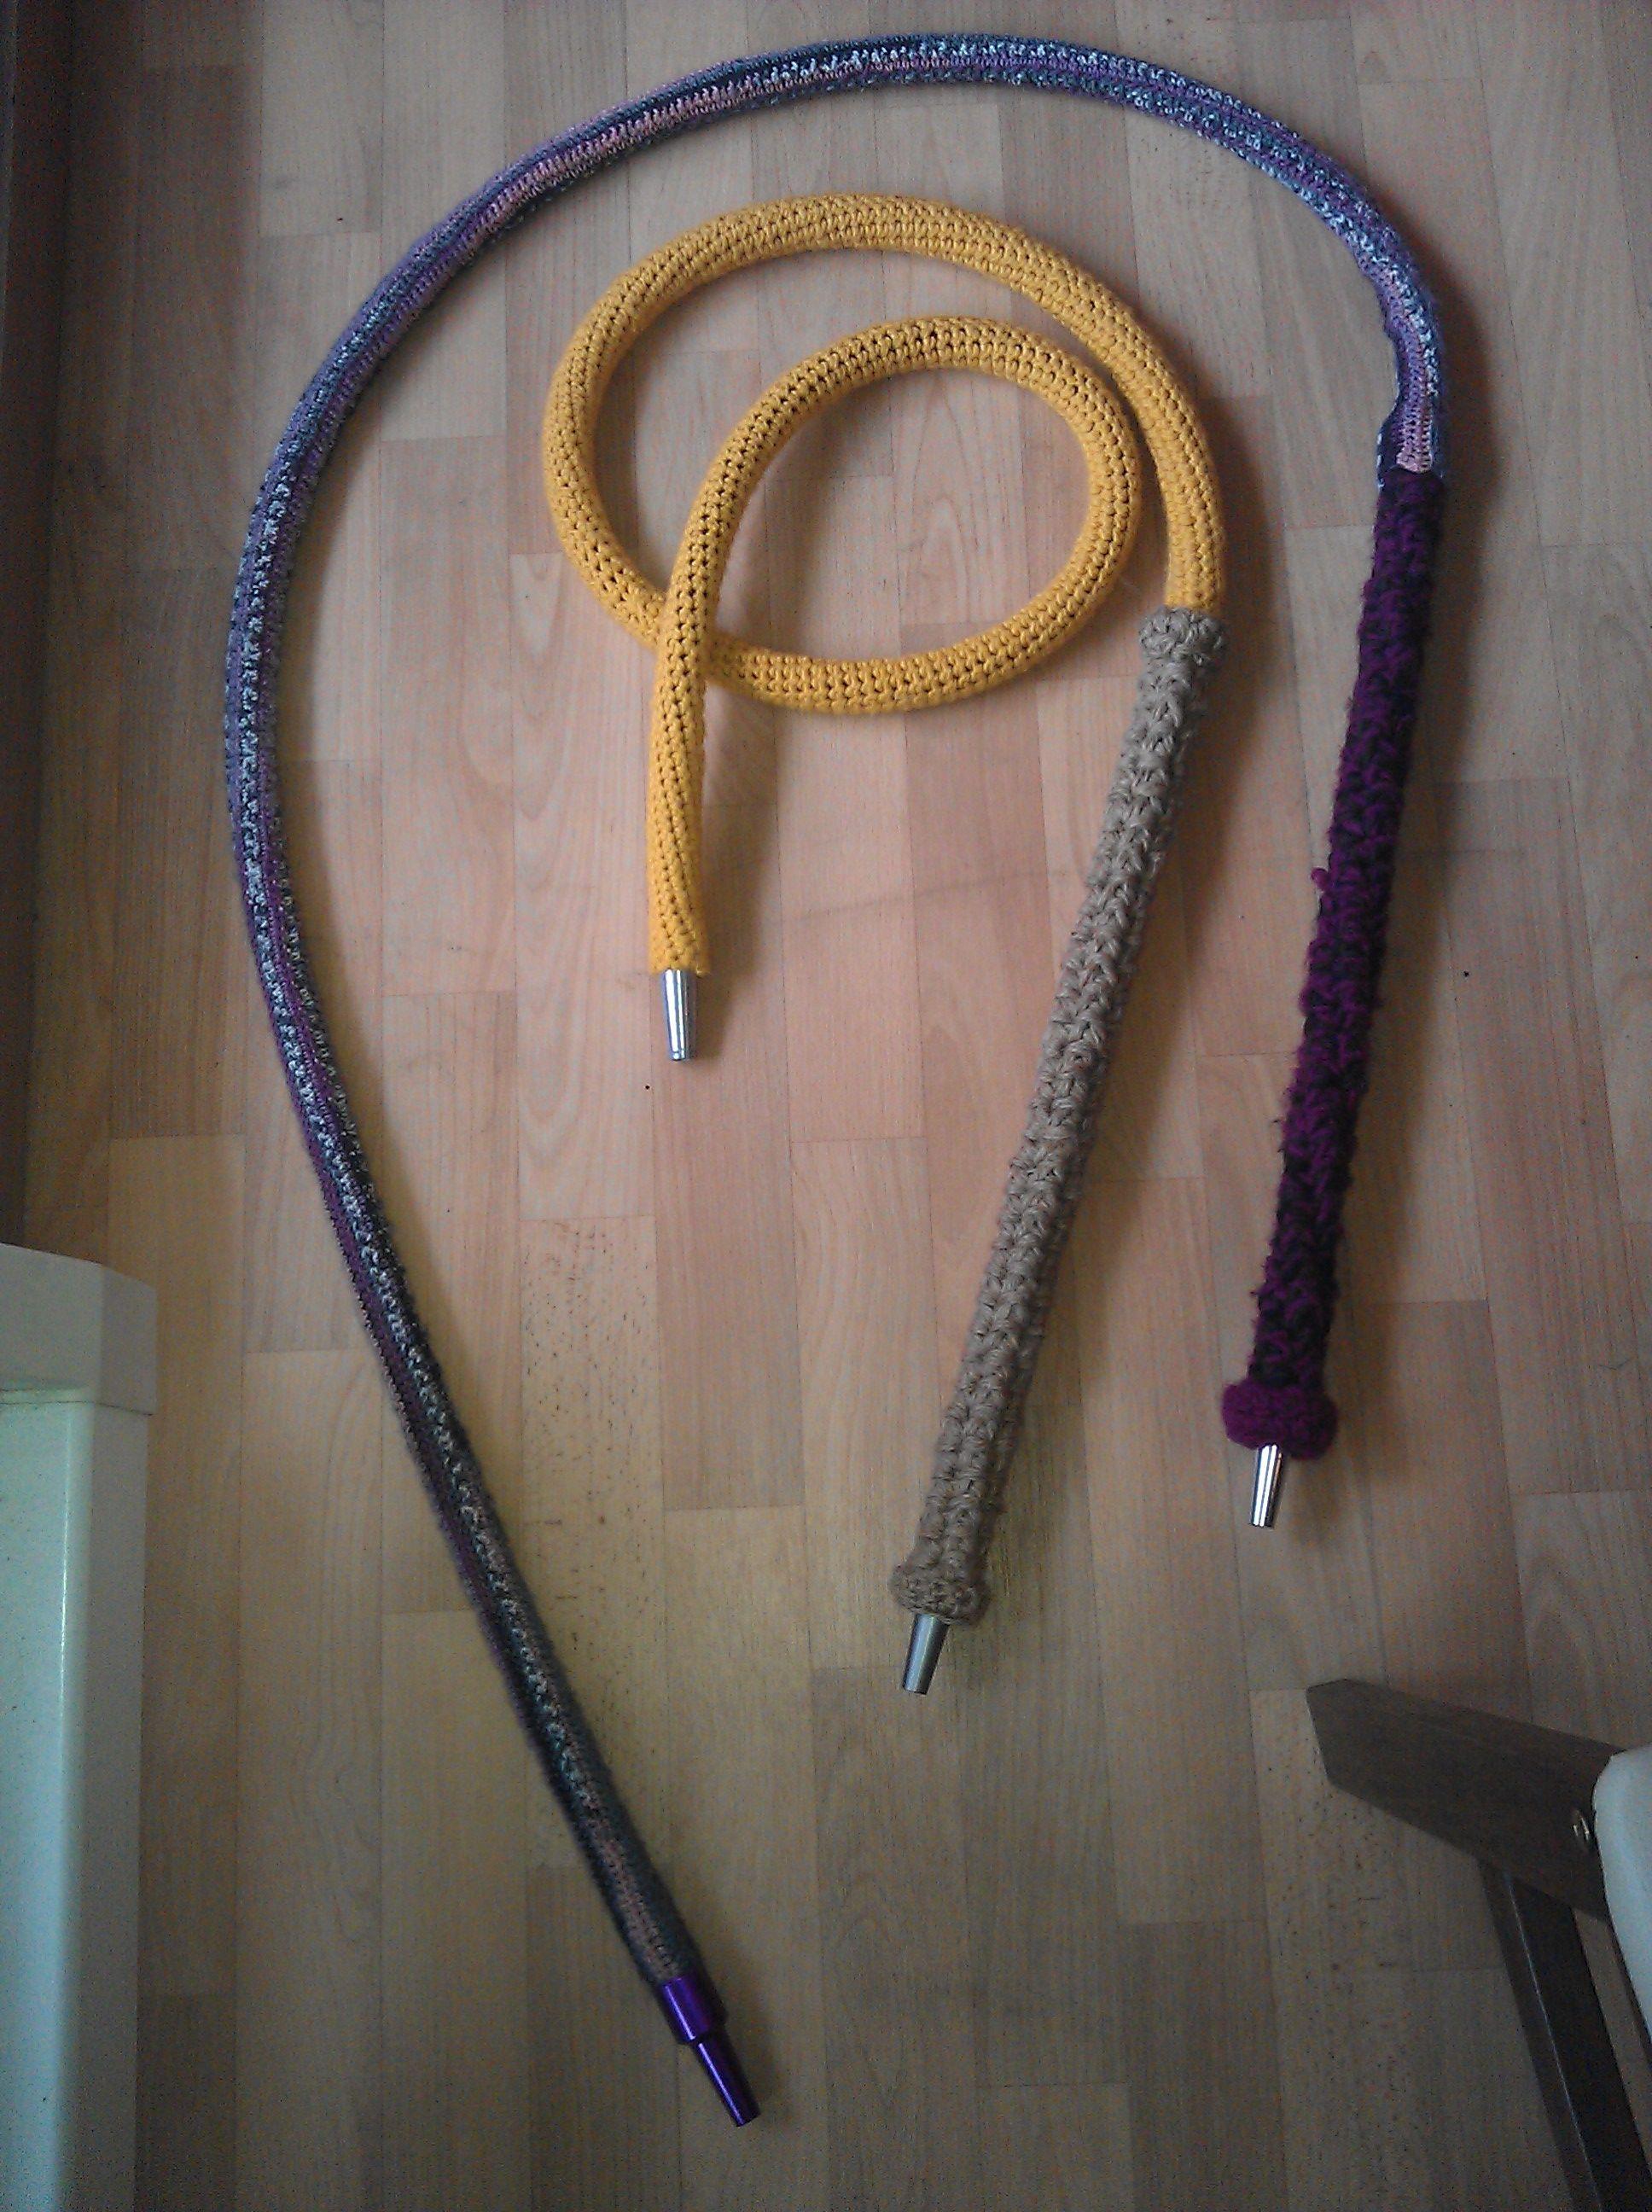 2 Shishaschläuche für meinen Mann umhäkelt. Der eine mit Paketband 4 fädrig und gelber Wolle. Der andere mit 3 verschiedenen Lilatönen 3 fädrig und bunter Wolle.